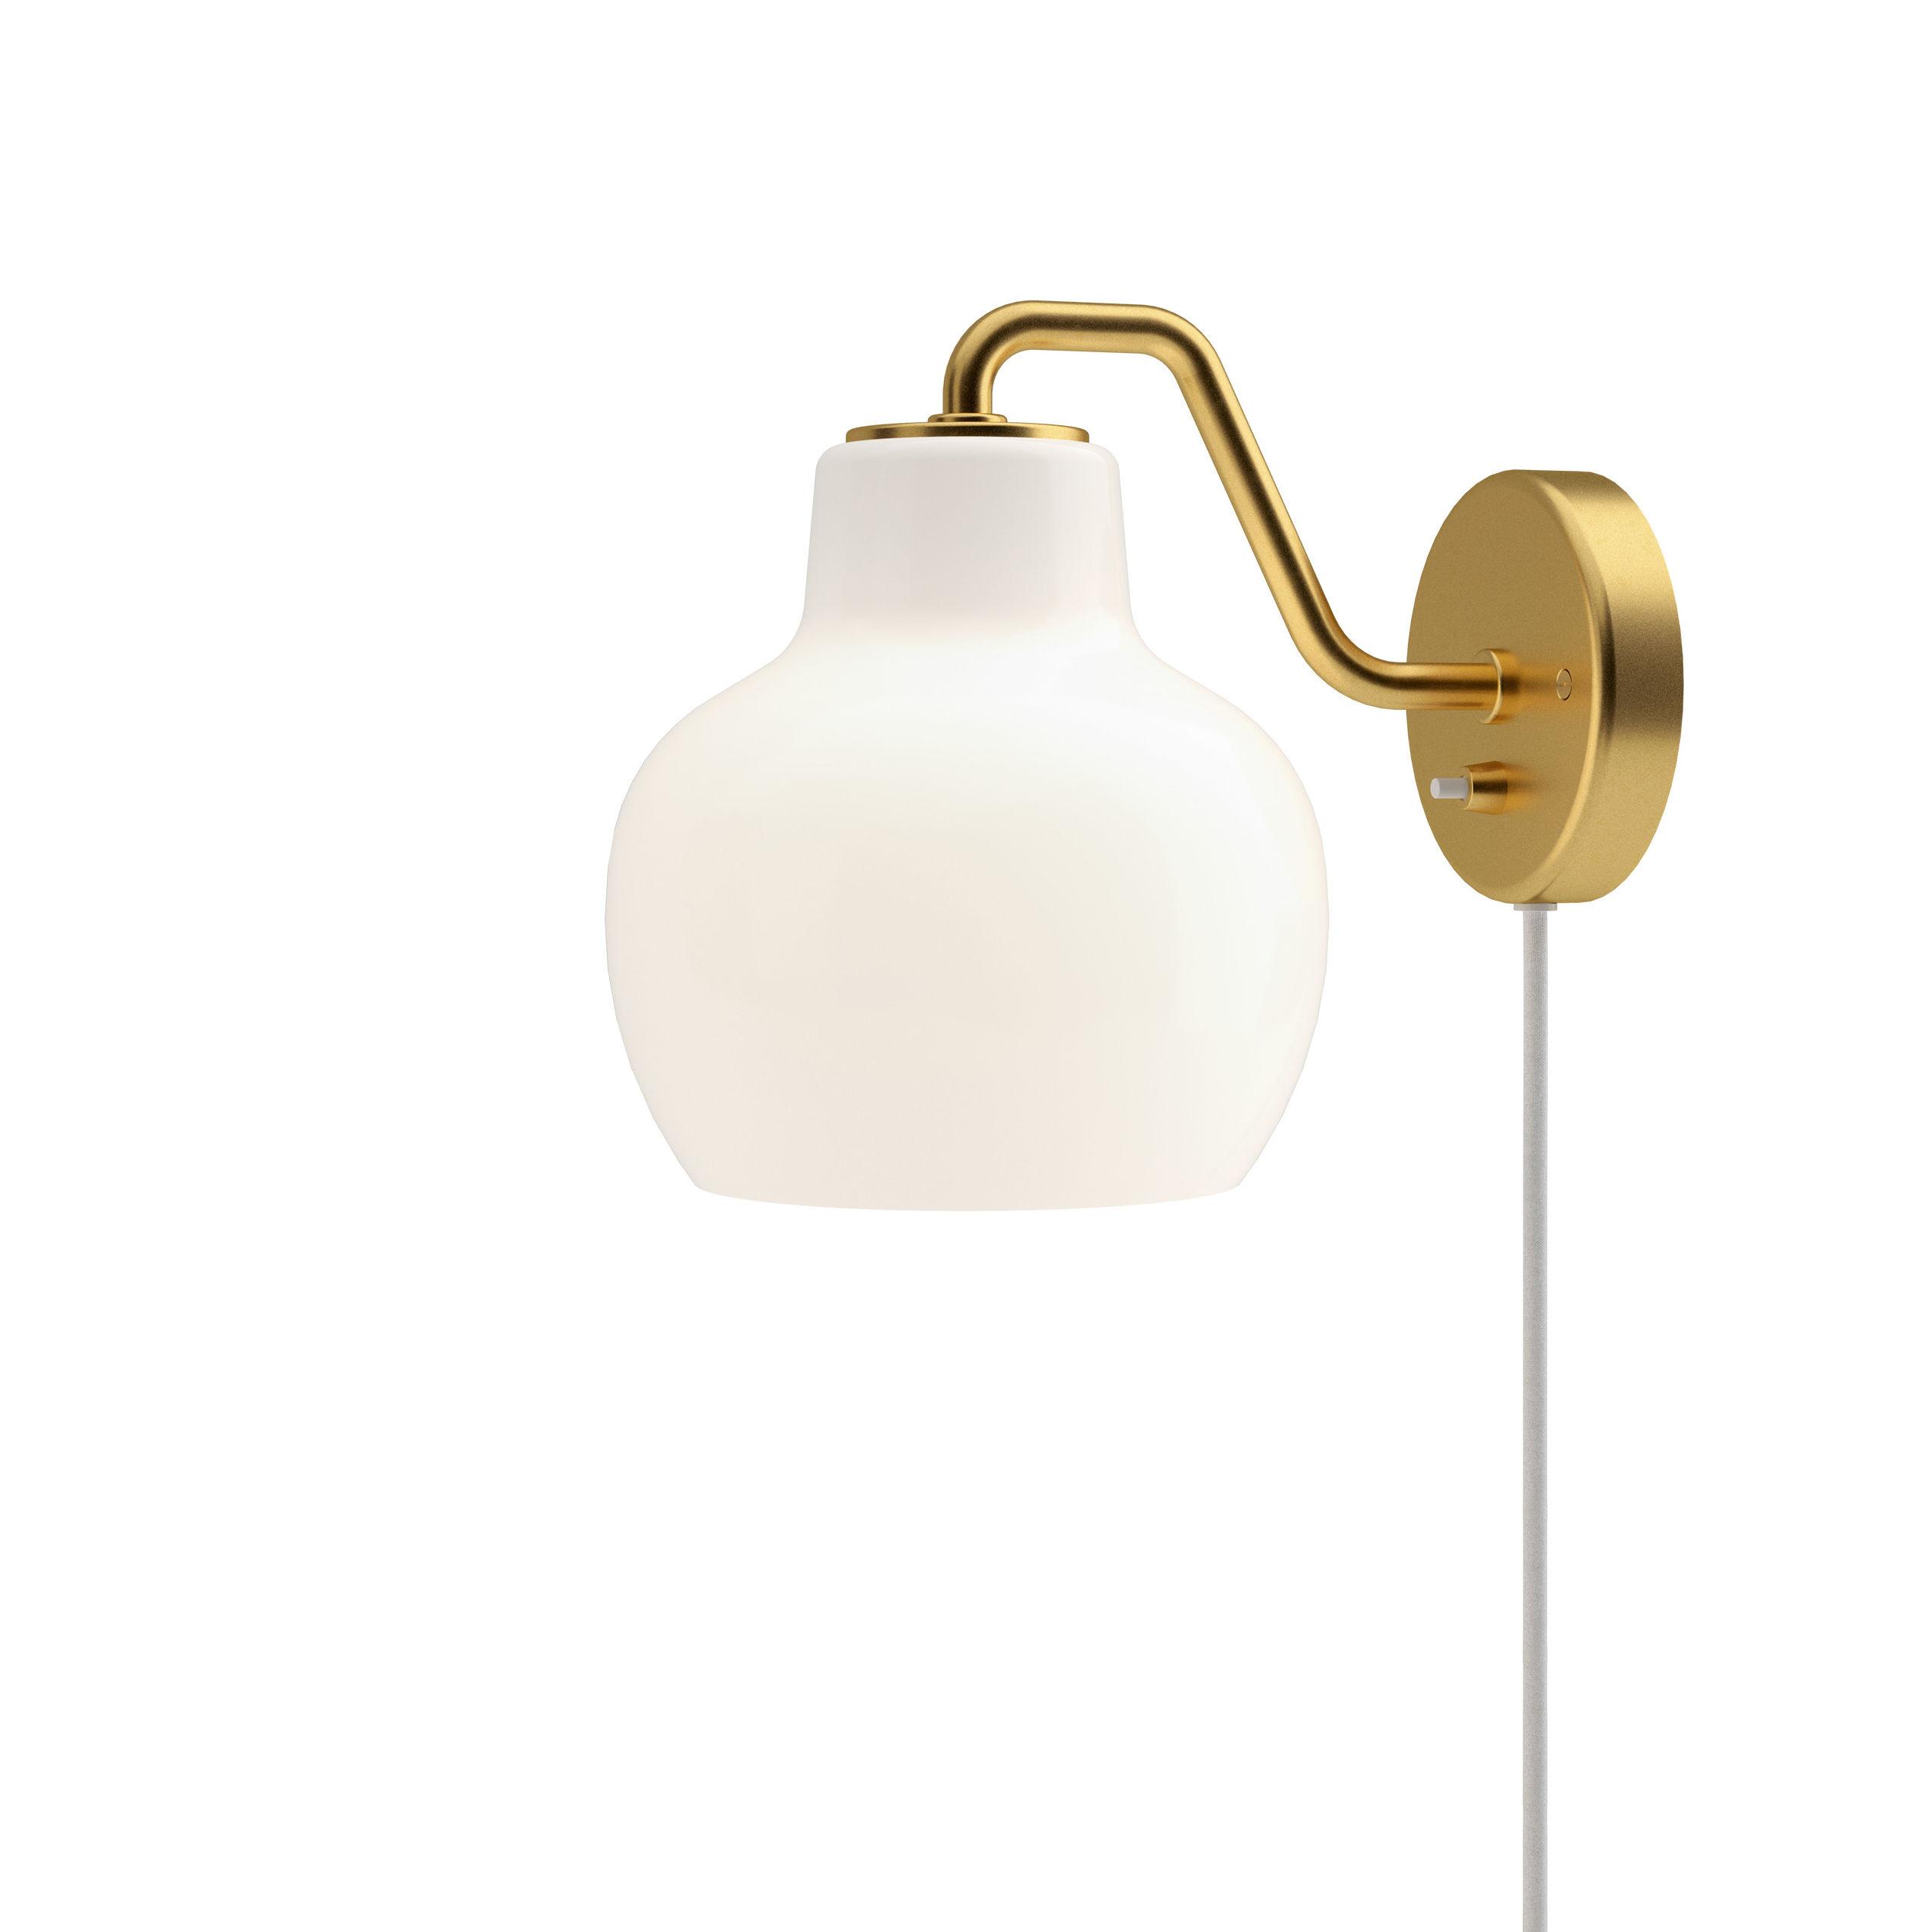 Luminaire - Appliques - Applique avec prise VL Ring Crown / Réédition 1940 - Louis Poulsen - Blanc / Laiton - Laiton, Verre soufflé bouche